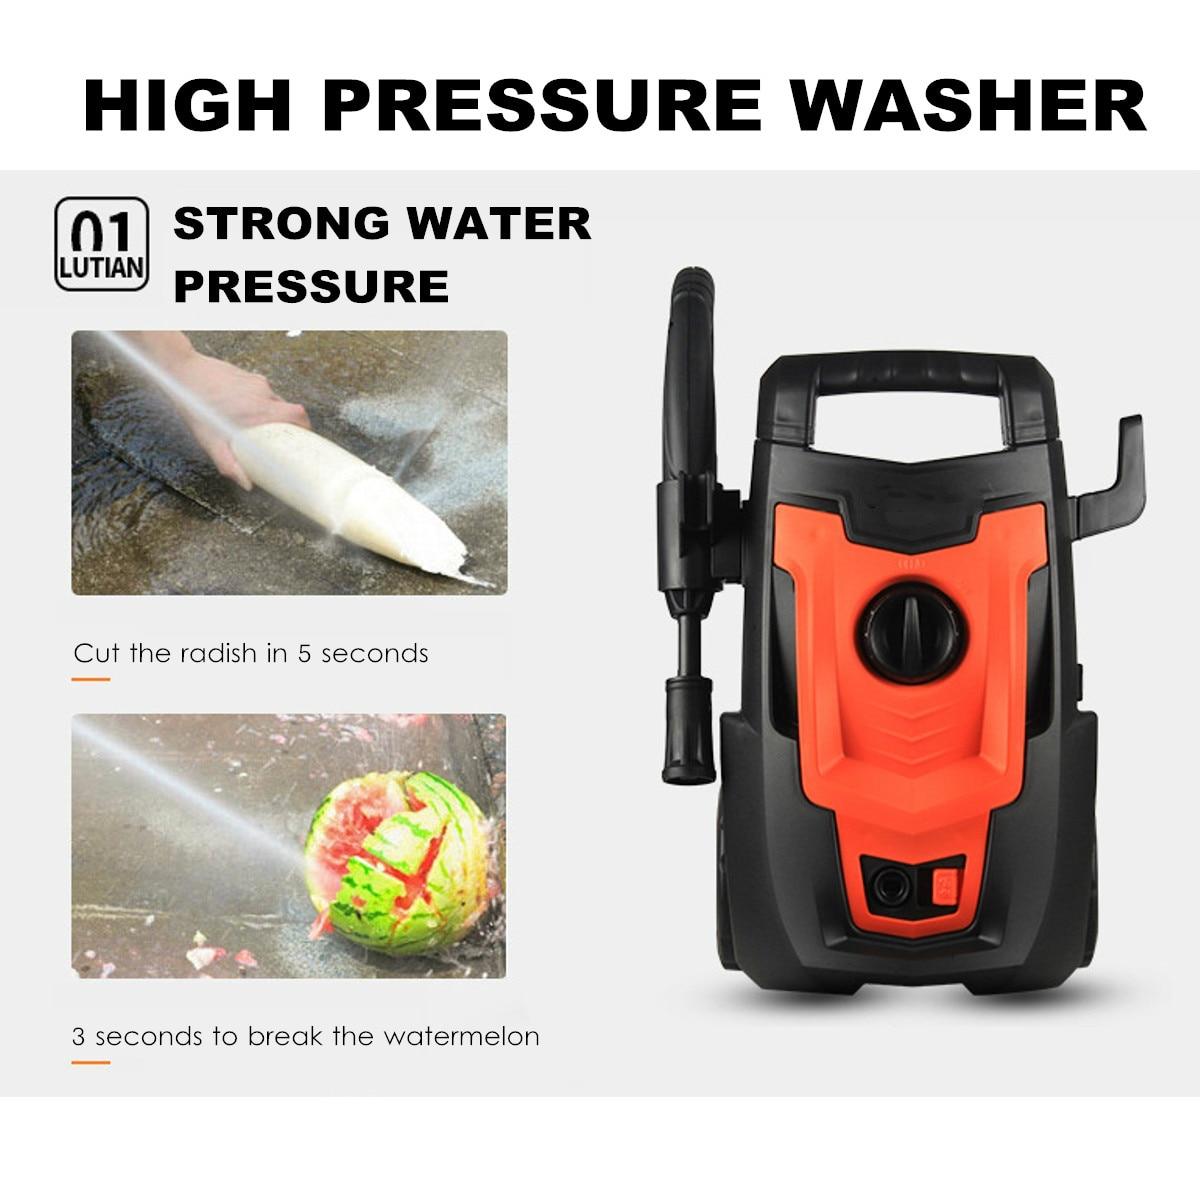 Auto Washer Guns Pumpe Waschen Gerät Auto Sprayer Hochdruck Reiniger Waschen Maschine Elektrische Reinigung Auto Gerät